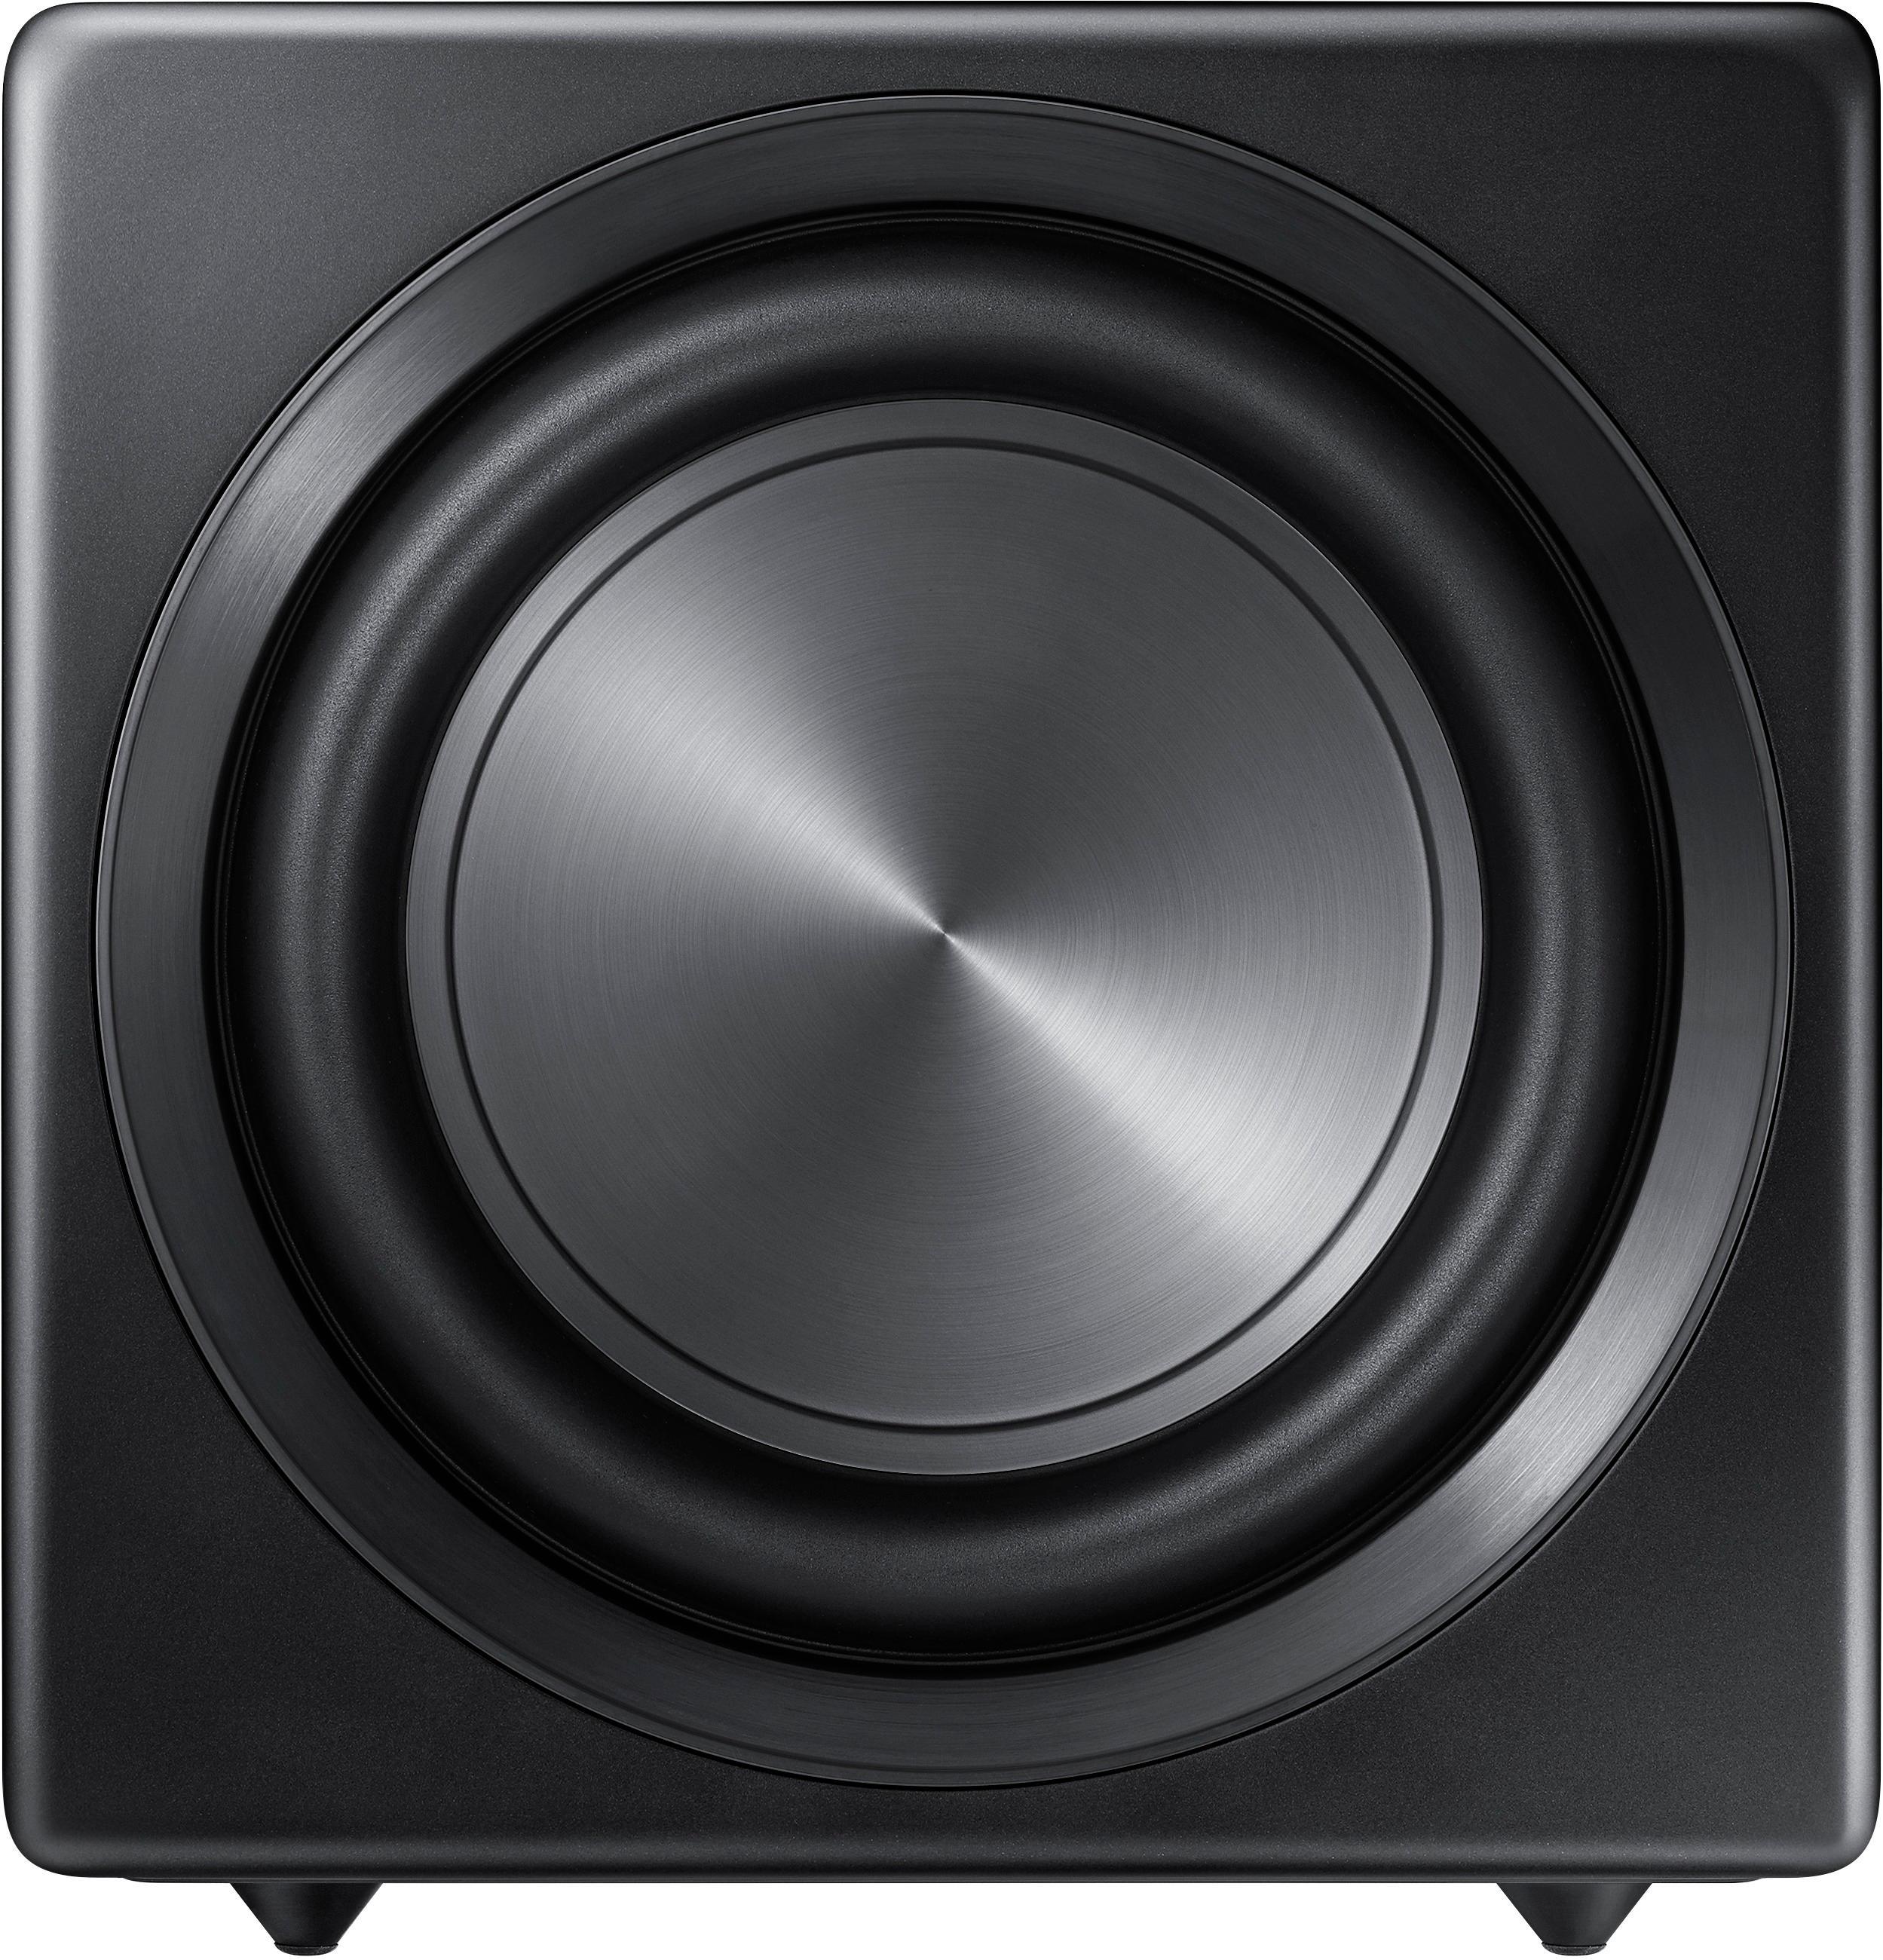 Samsung - Sound+ 10 inch 200W Wireless Powered Subwoofer - Black